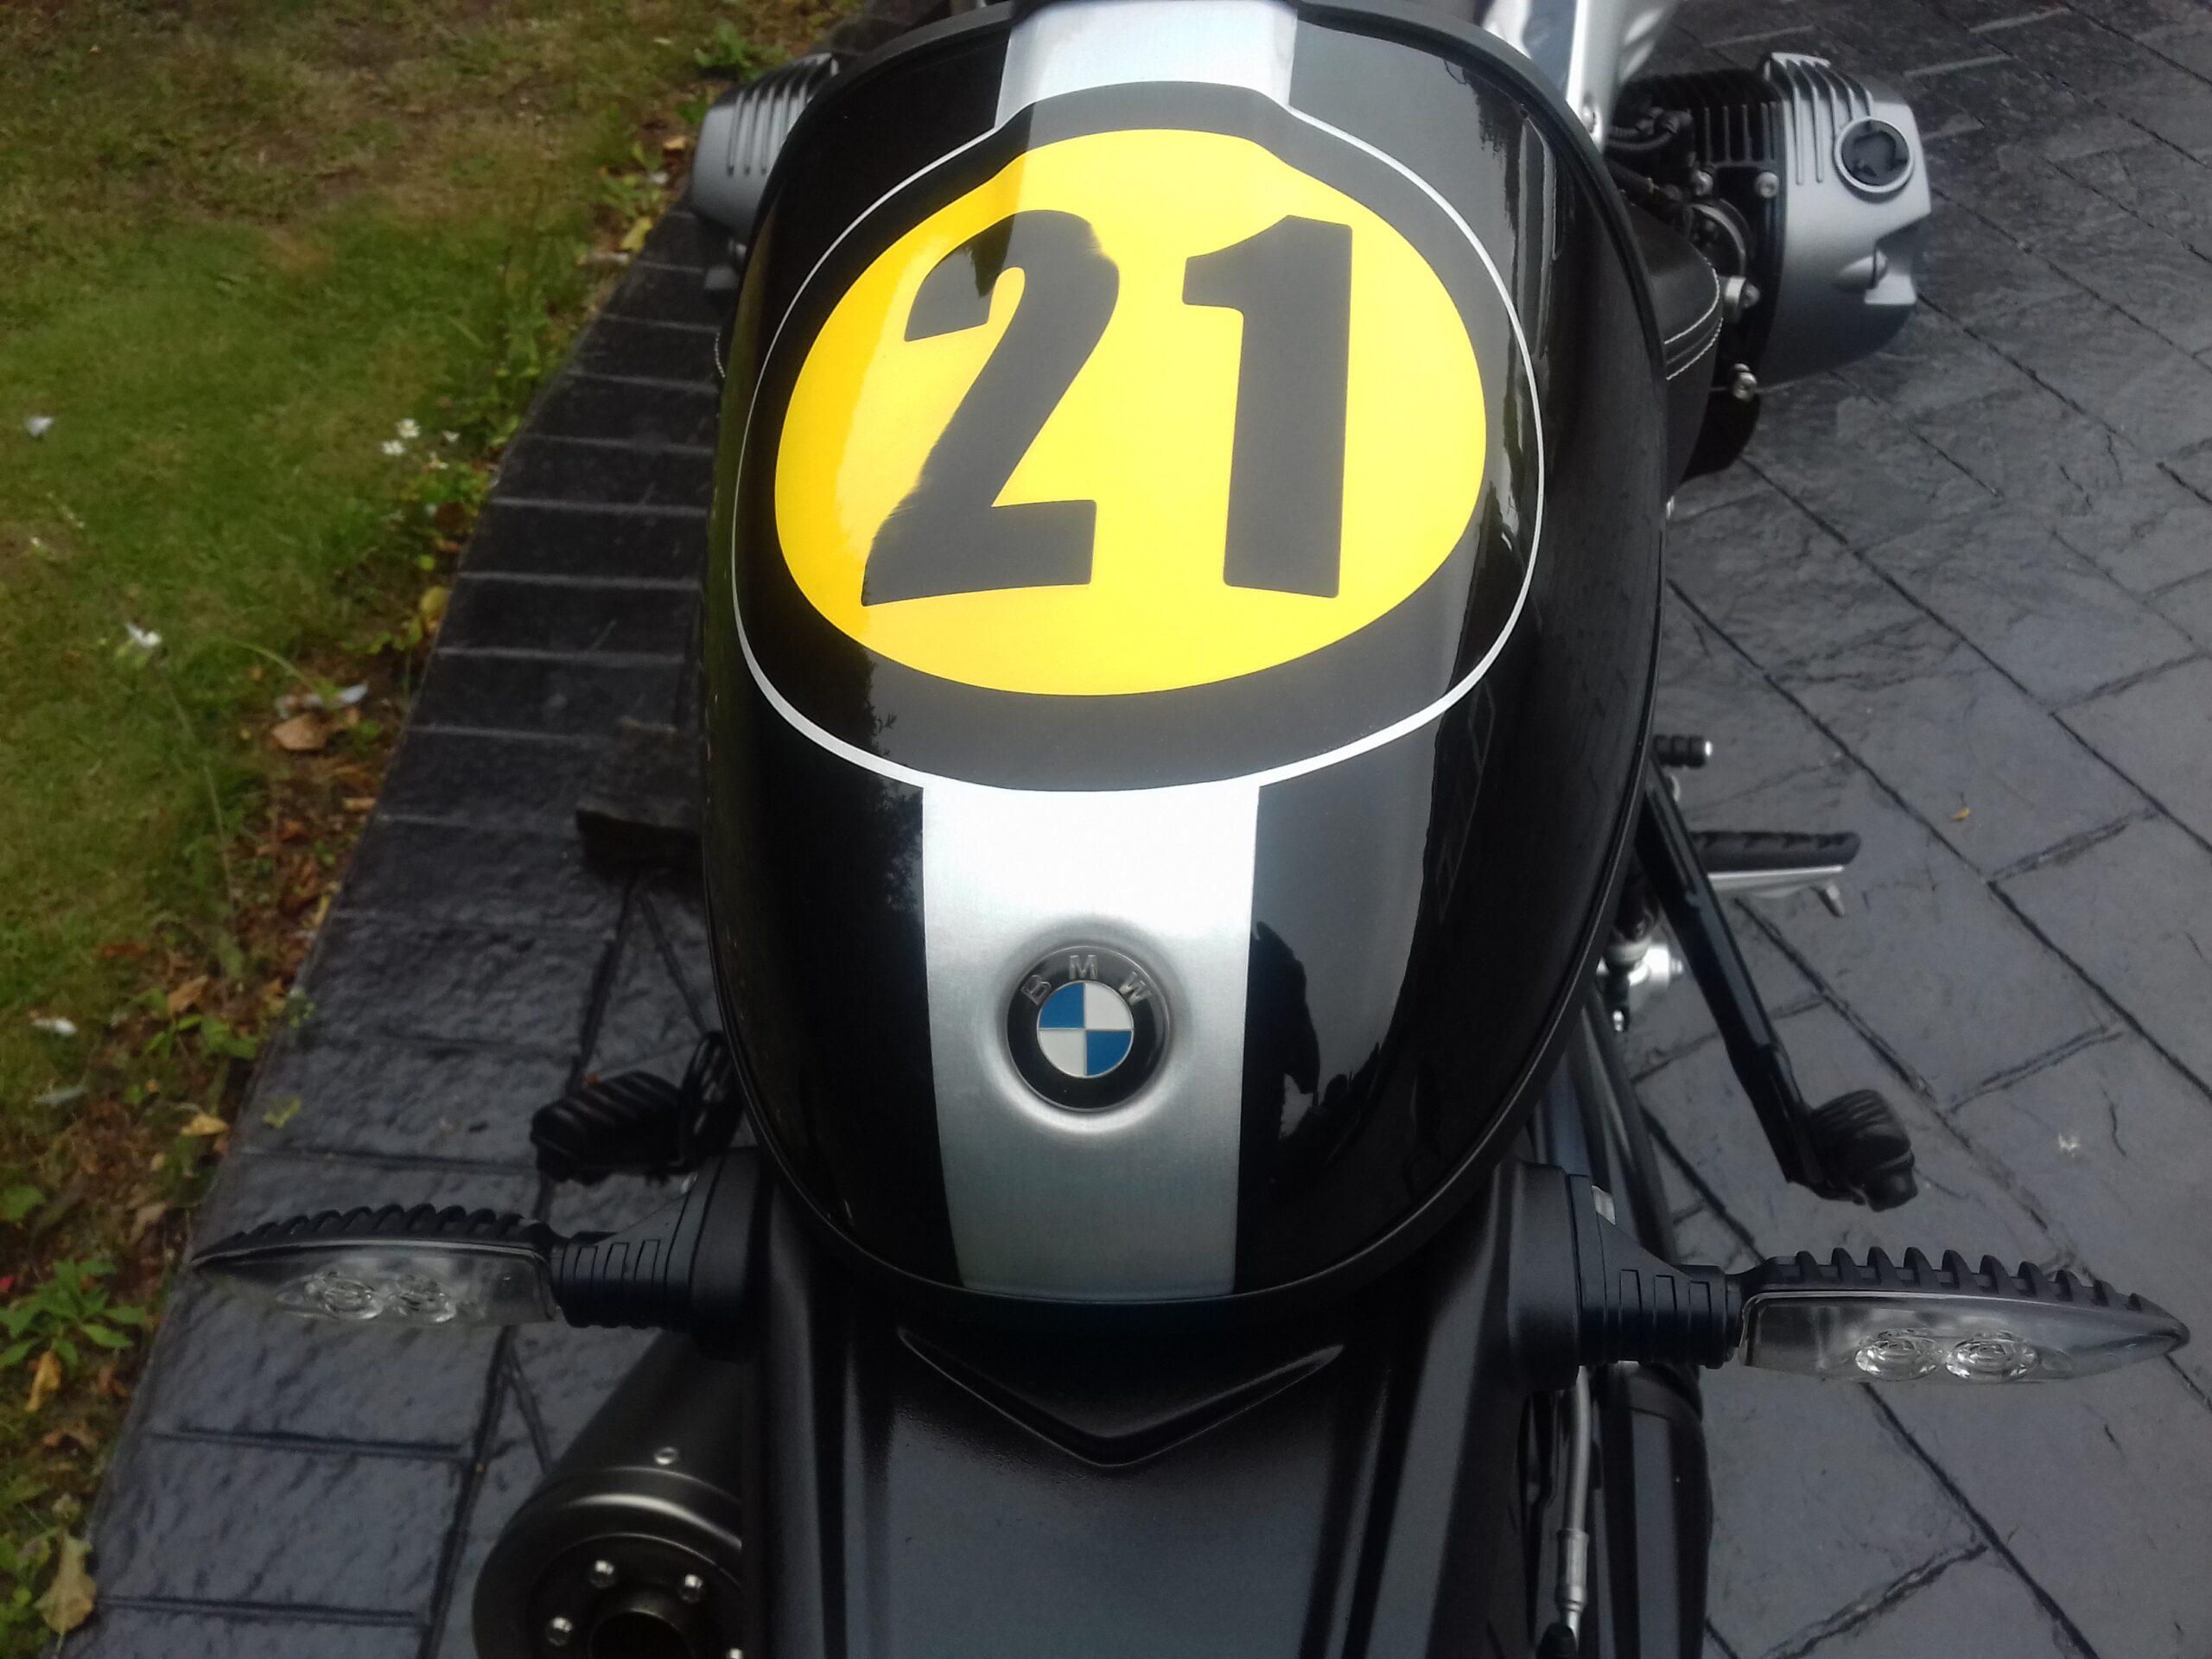 2018 BMW R NINE T R9T HERITAGE 21 PAINT SCHEME